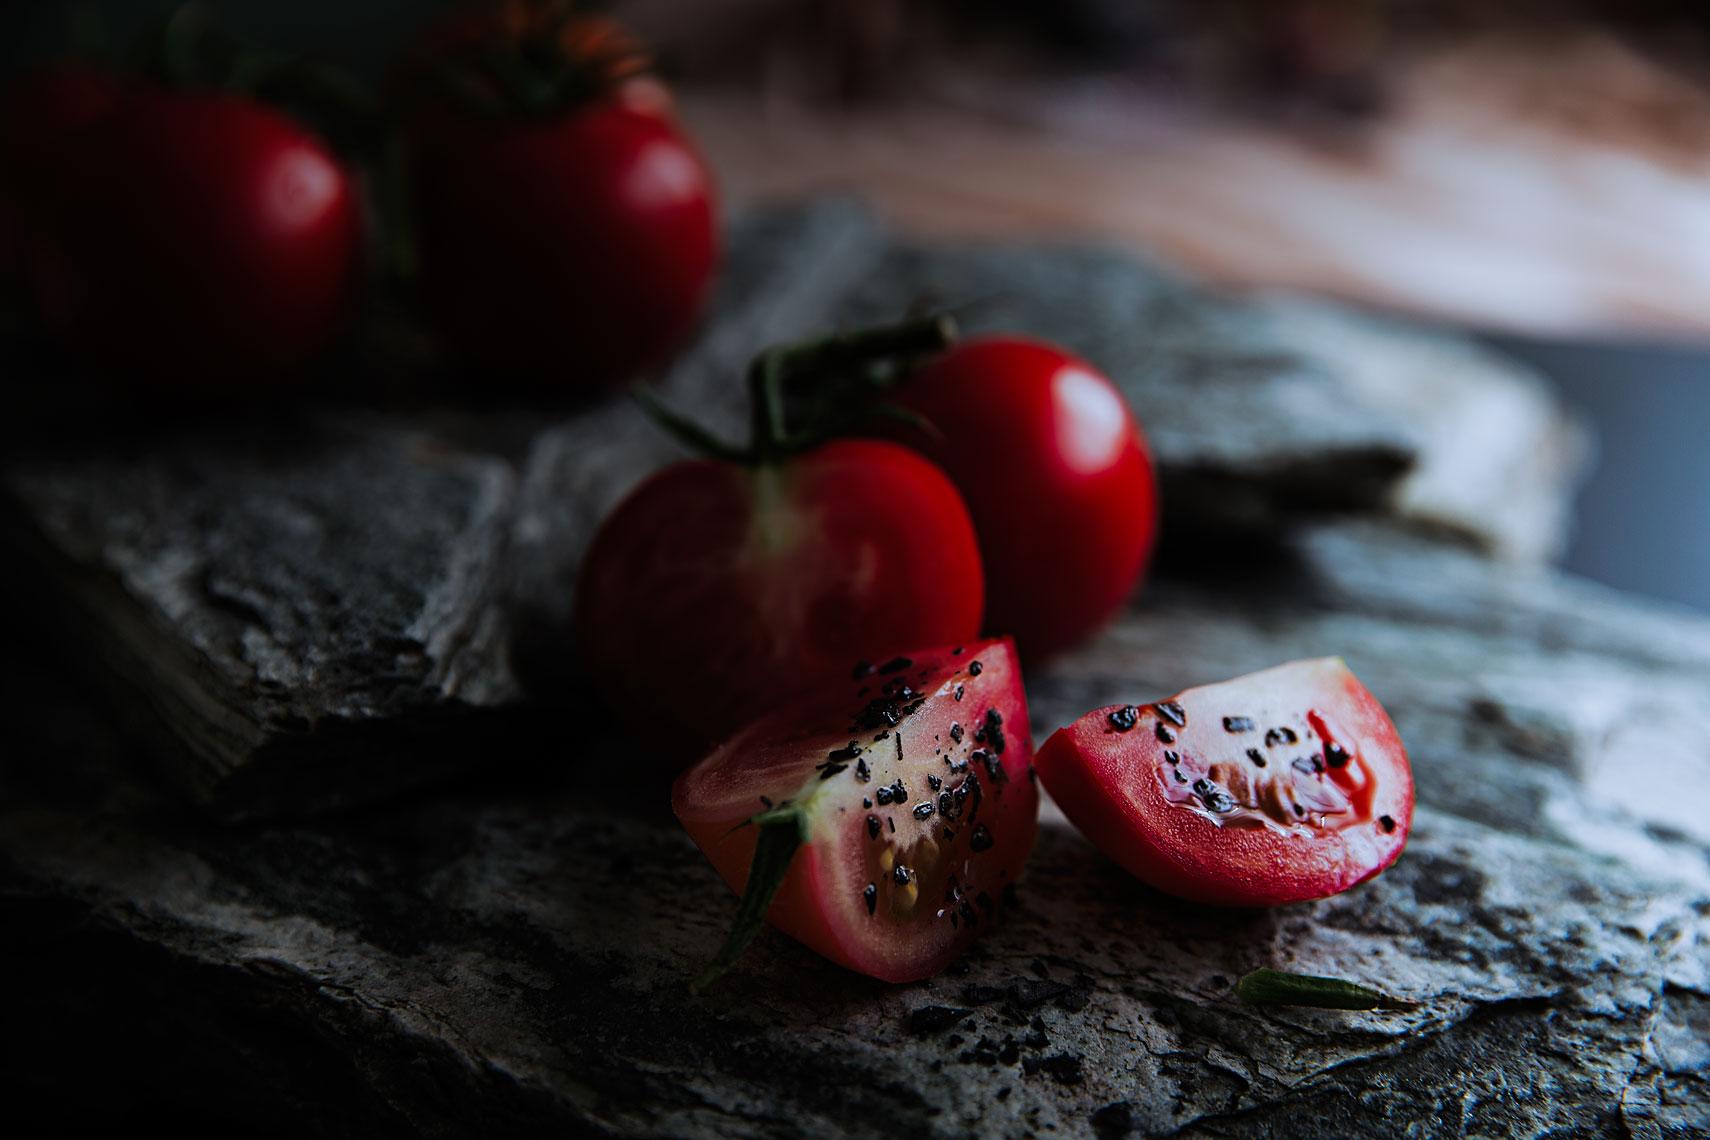 A TOAST 04 #truss #vineripened #tomatoes #slices #stone #slates #black #sea #salt